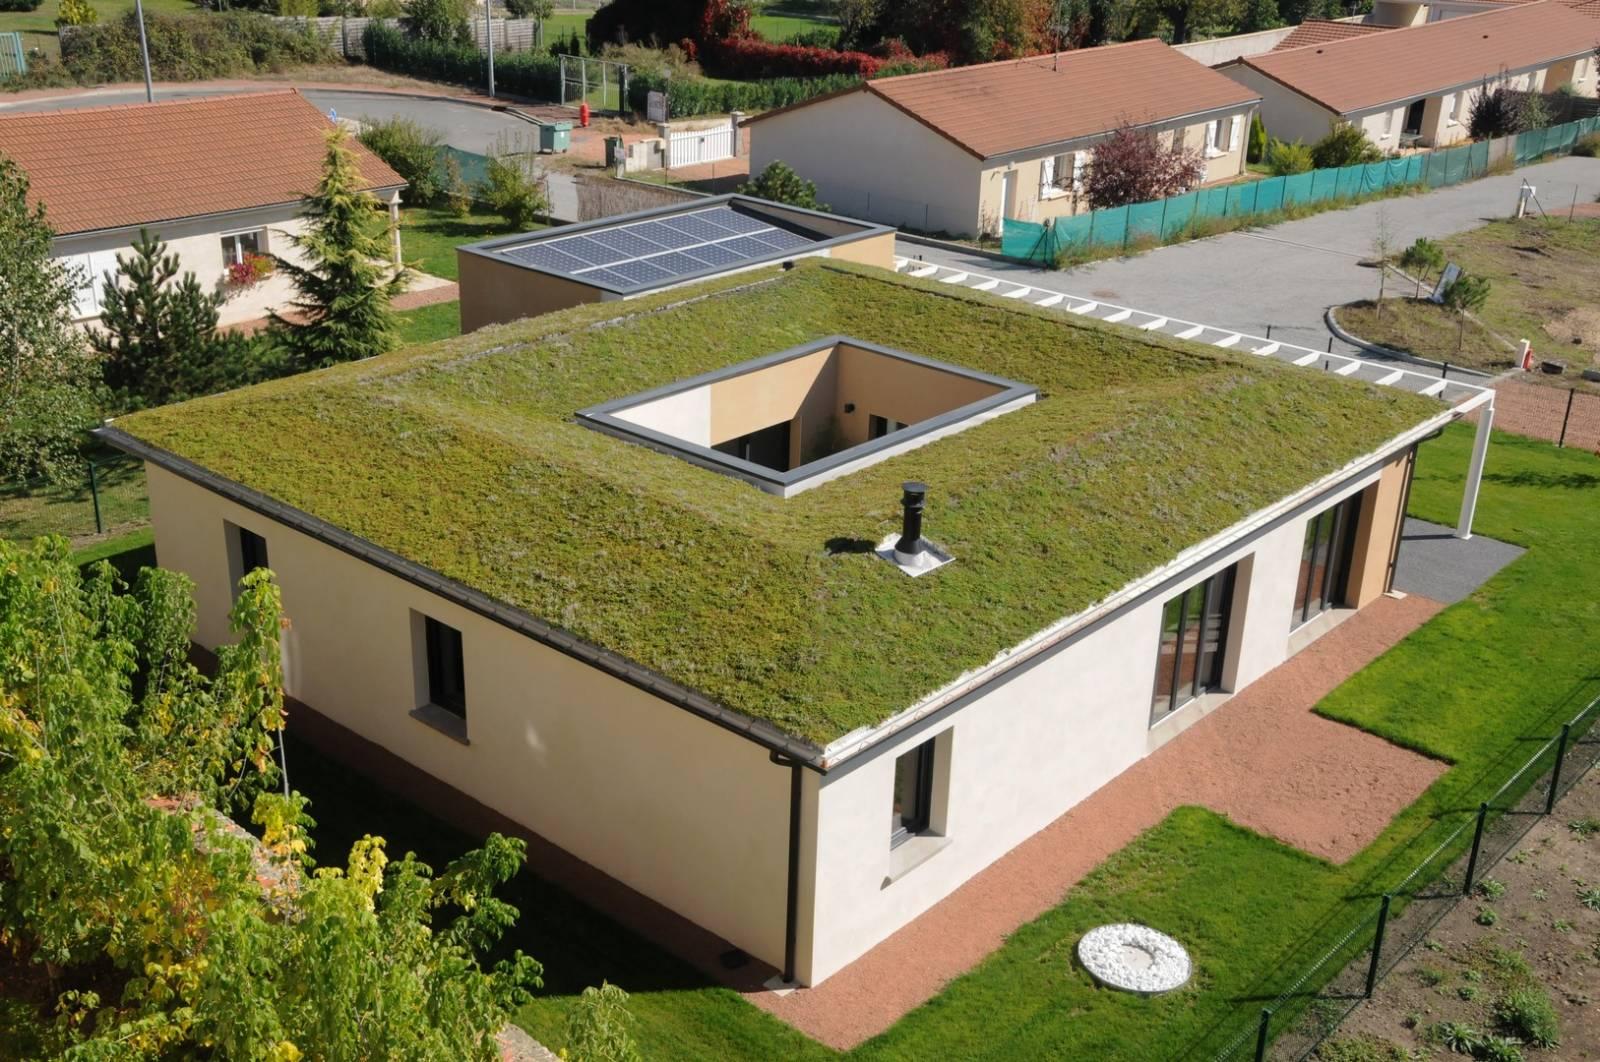 Maison avec patio central loire construction de maison sur mesure vers roanne cecile robin - Plan de maison avec patio central ...